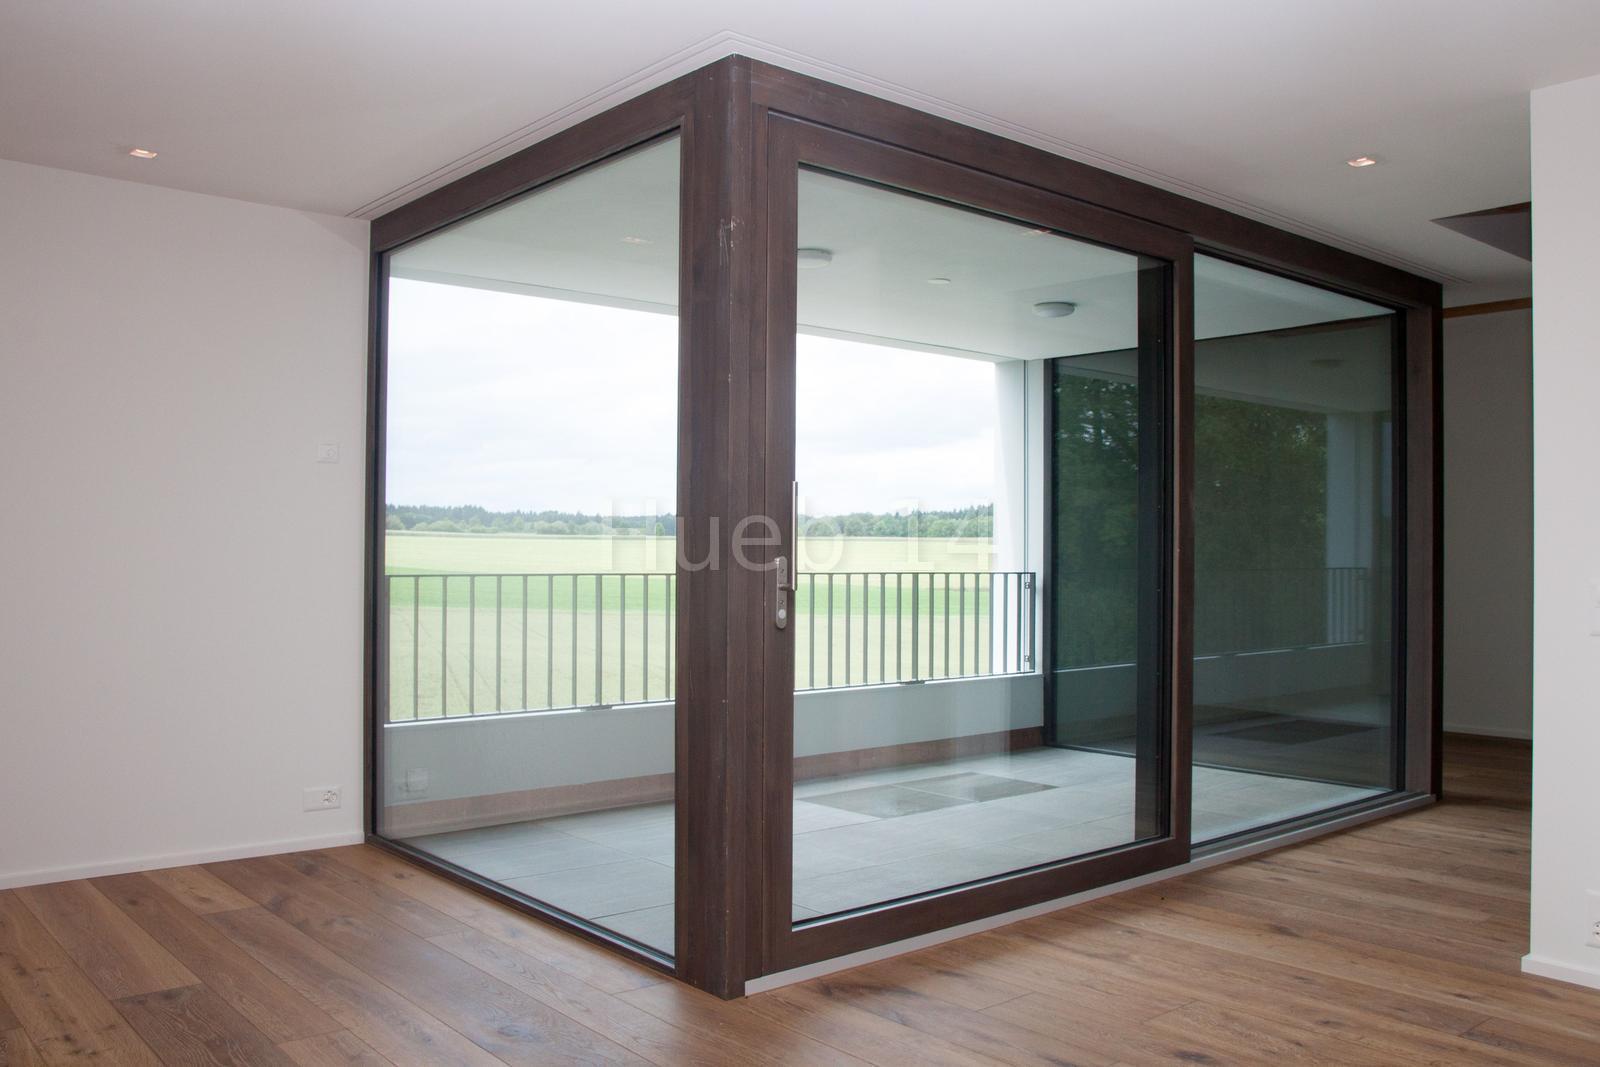 erstvermietung in der hueb 14 8312 winterberg. Black Bedroom Furniture Sets. Home Design Ideas